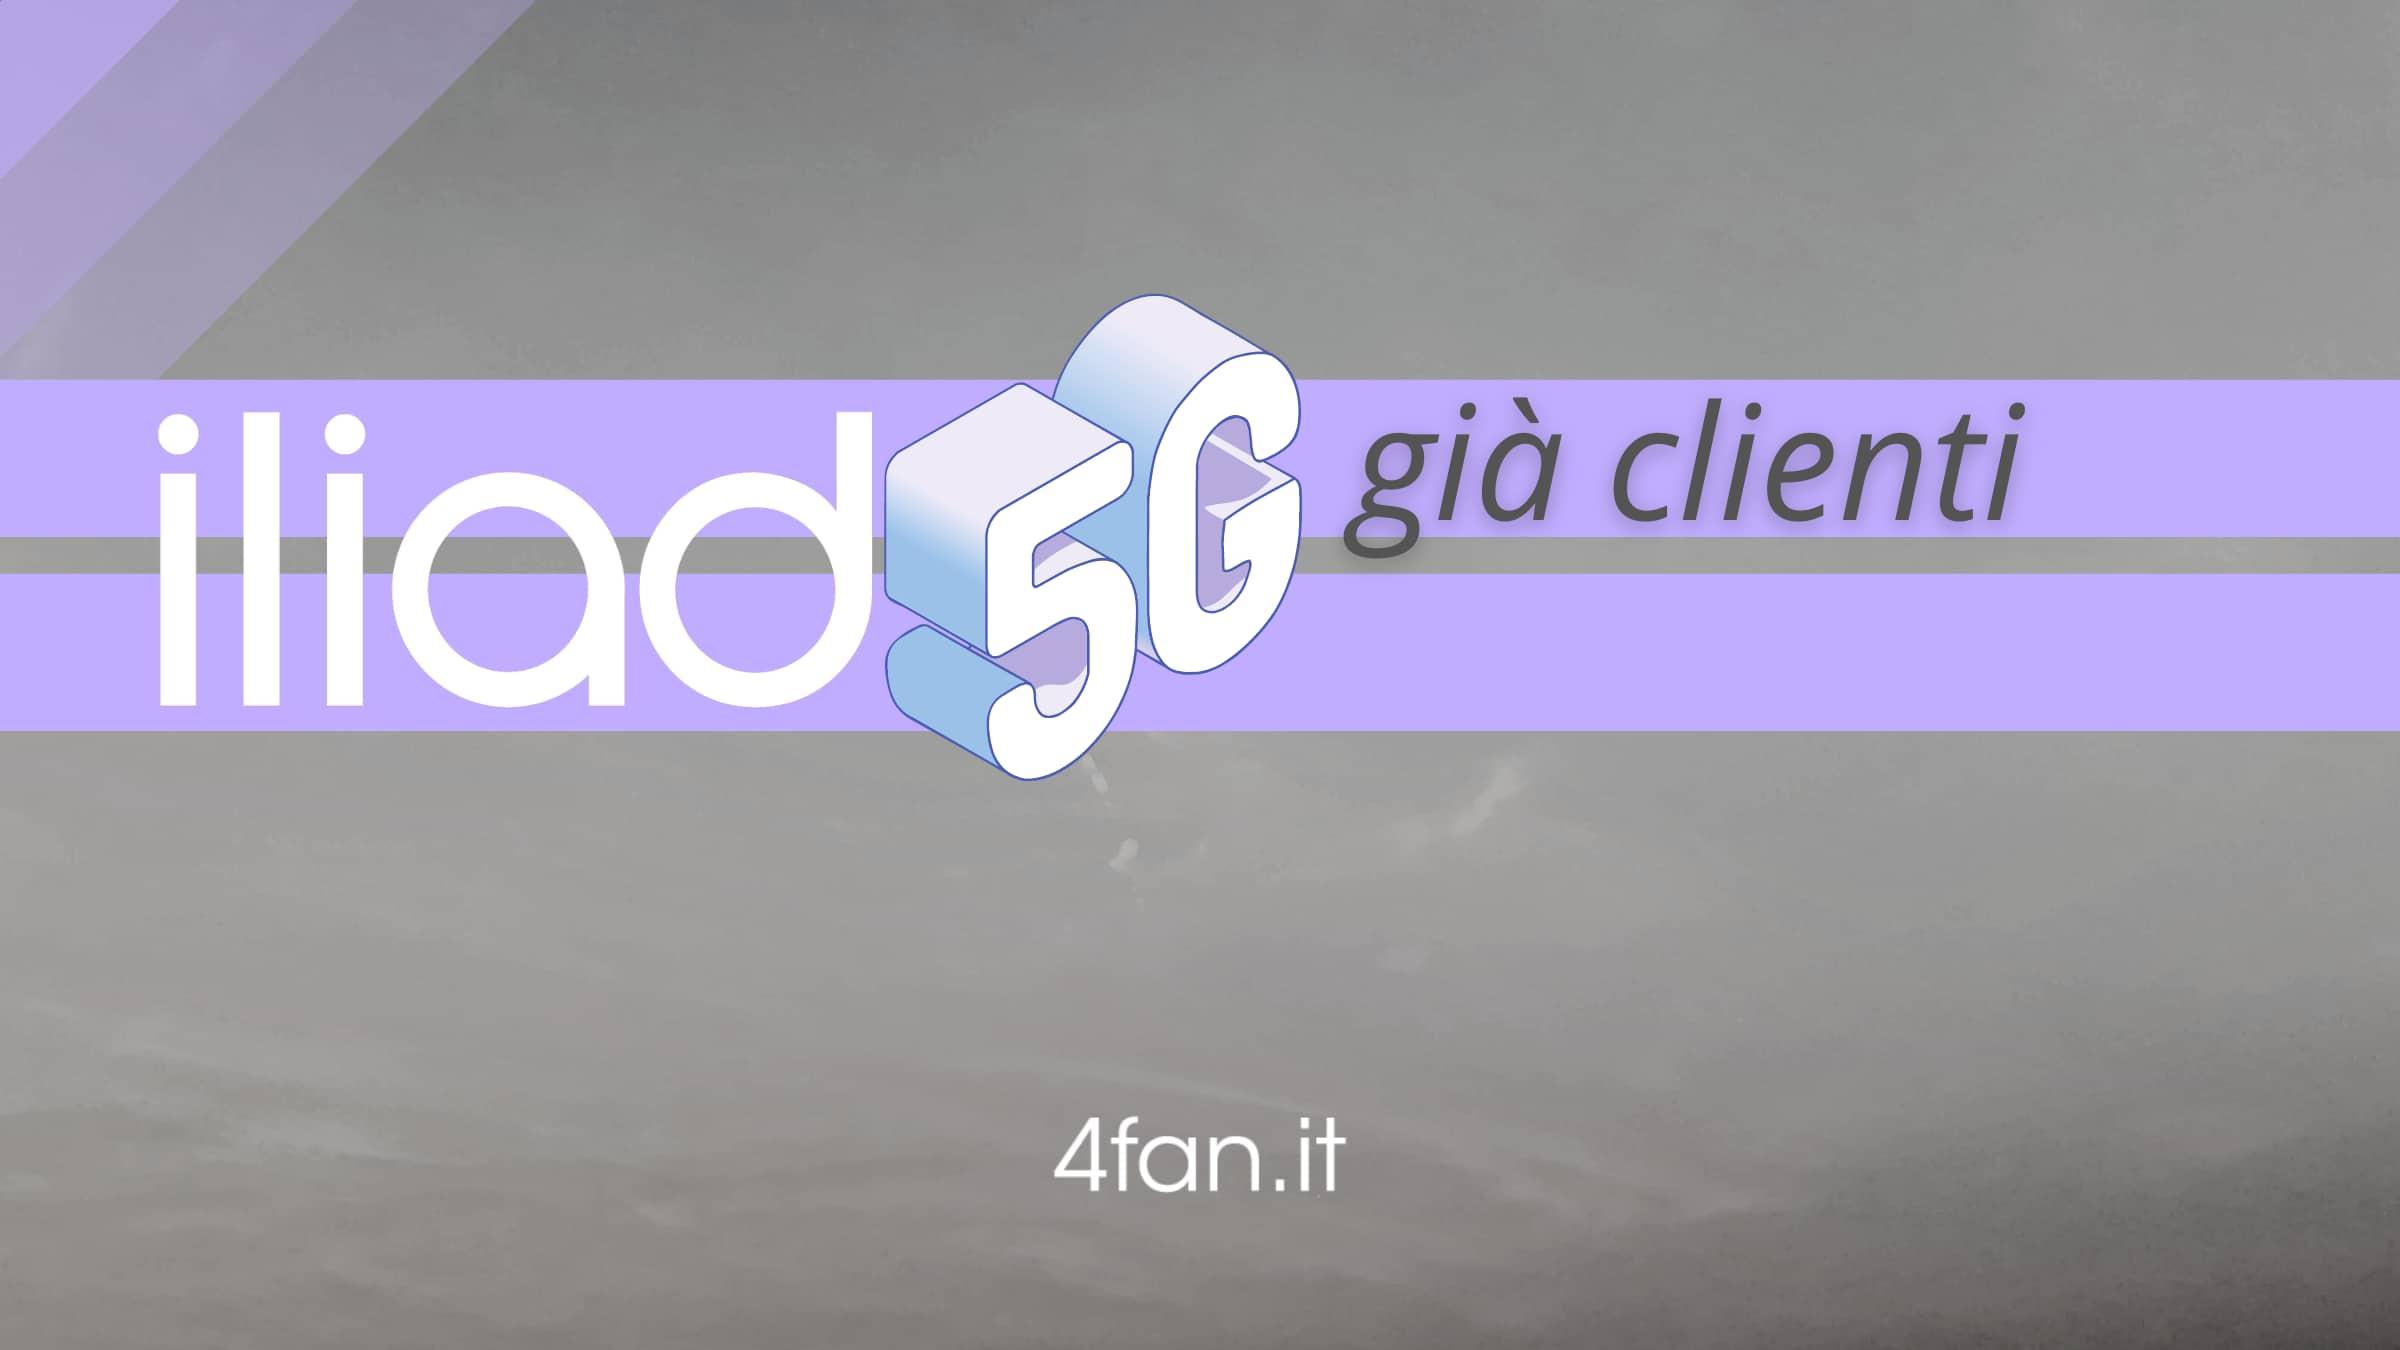 Iliad 5G per i già clienti